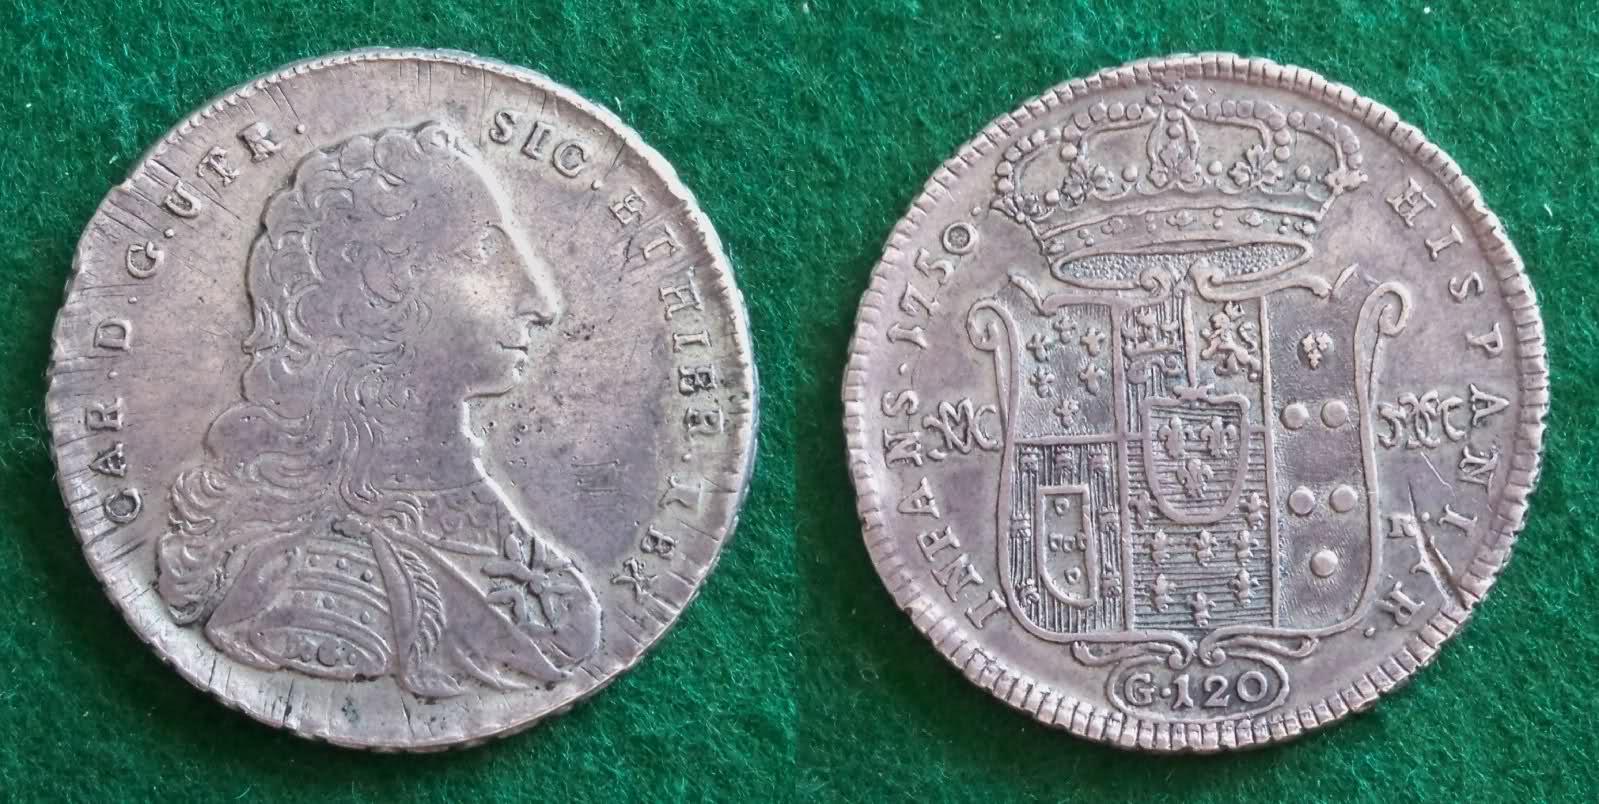 120 Granas 1750. Carlos VII de Nápoles. El cordoncillo napolitano de ultramar. 2qlfo8k